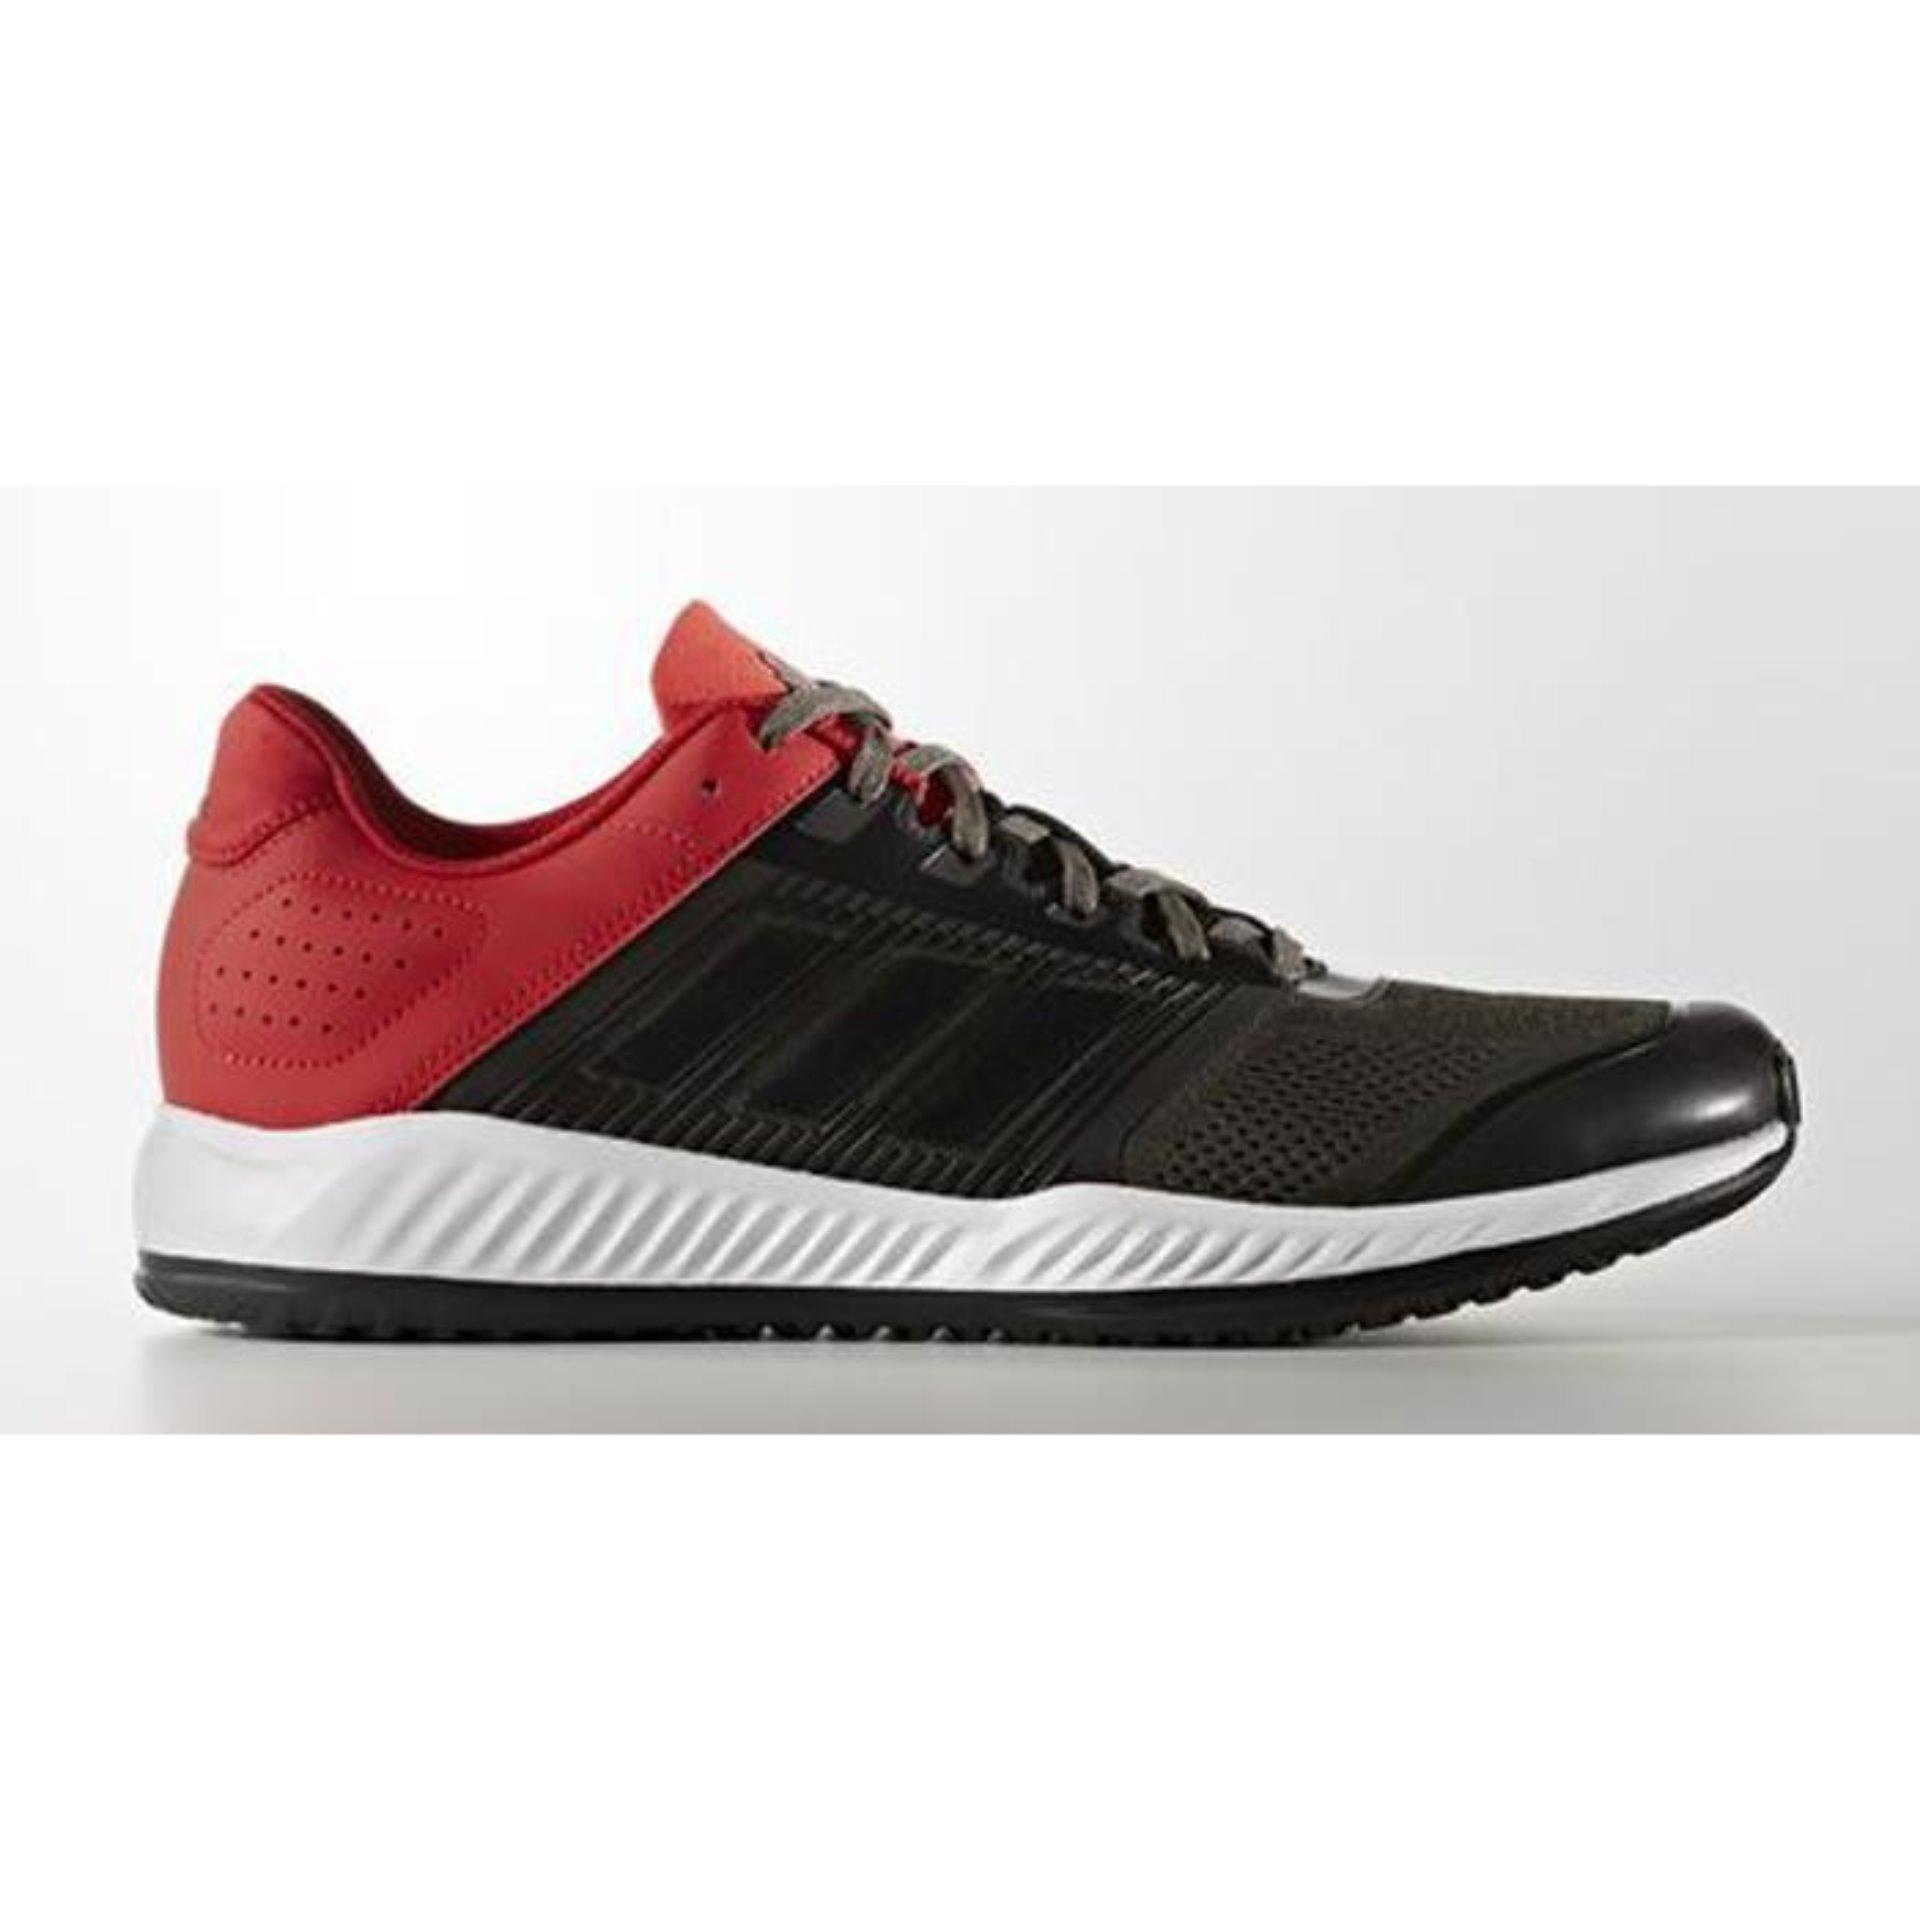 Adidas sepatu training ZG M - BA8141 - Hitam merah .